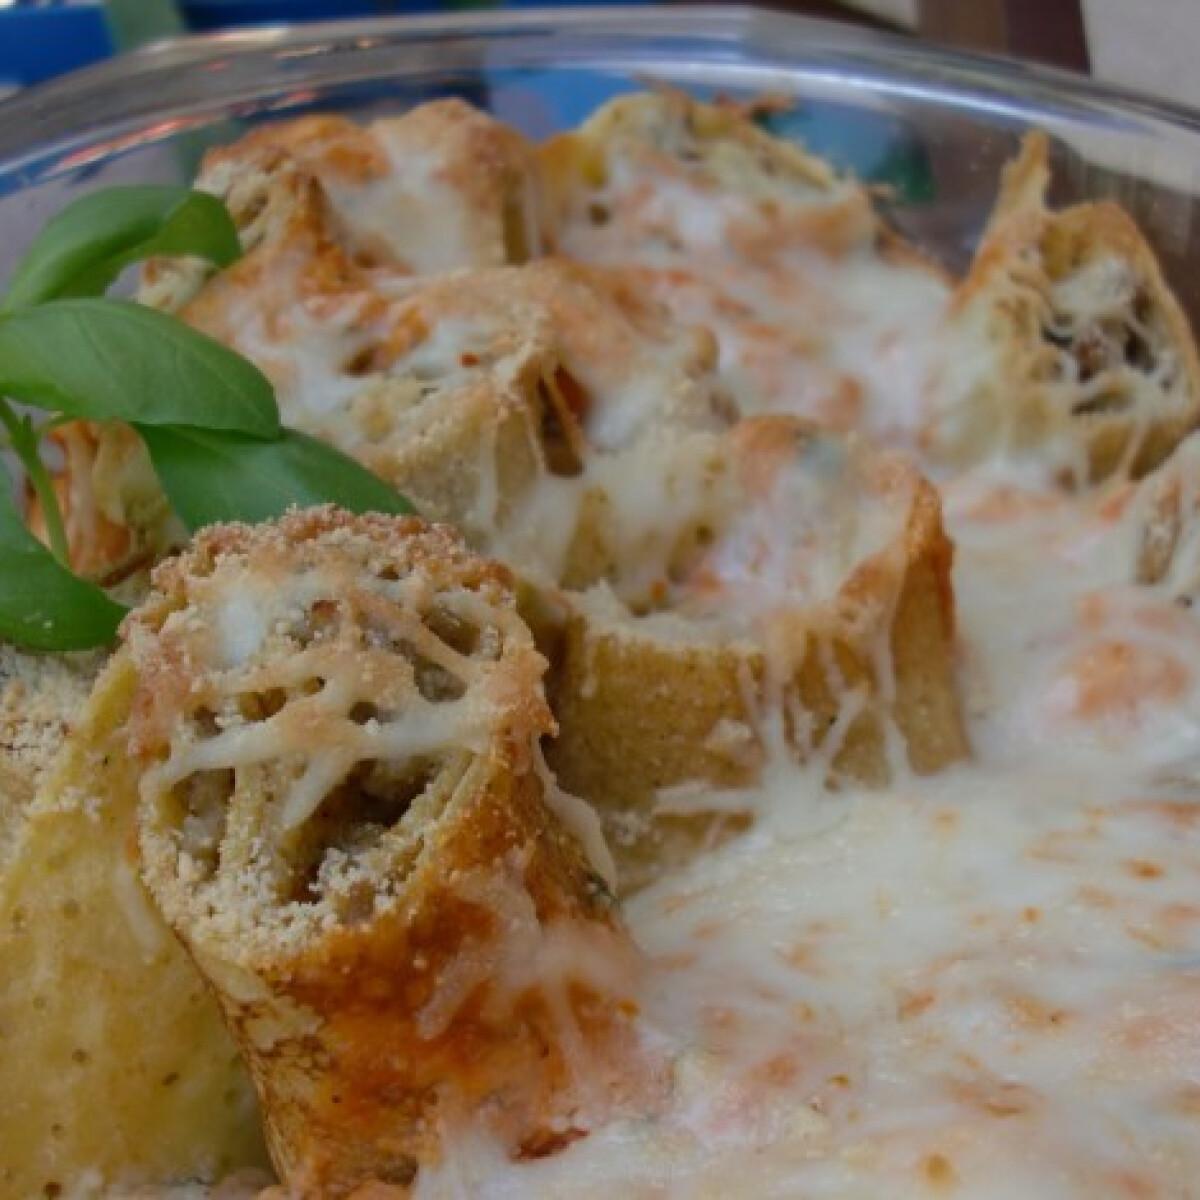 Húsos palacsintacsiga sajtkrémmártásban sütve